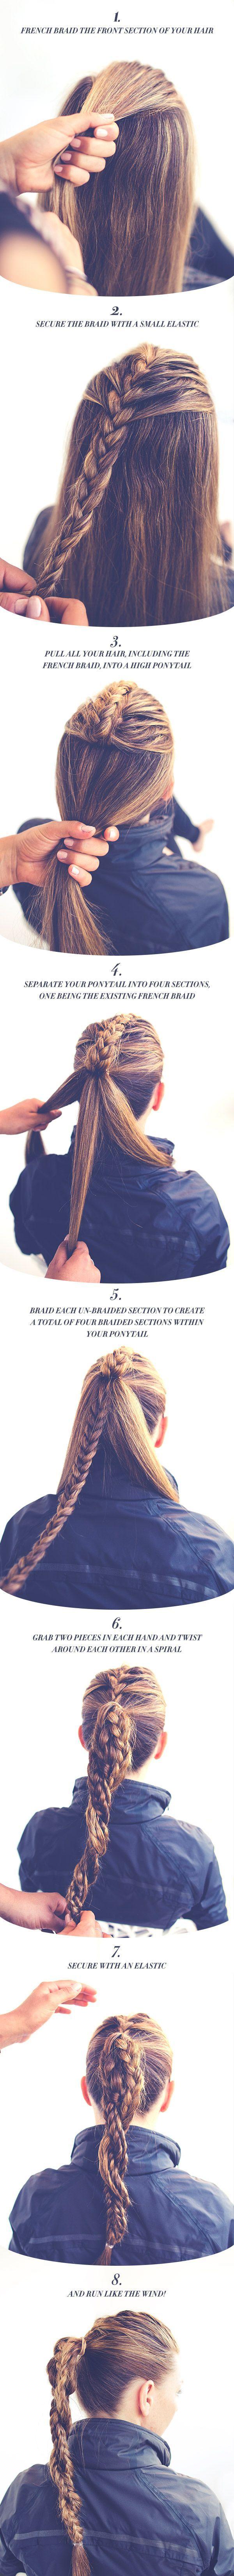 best-hairstyles-tutorial-2015